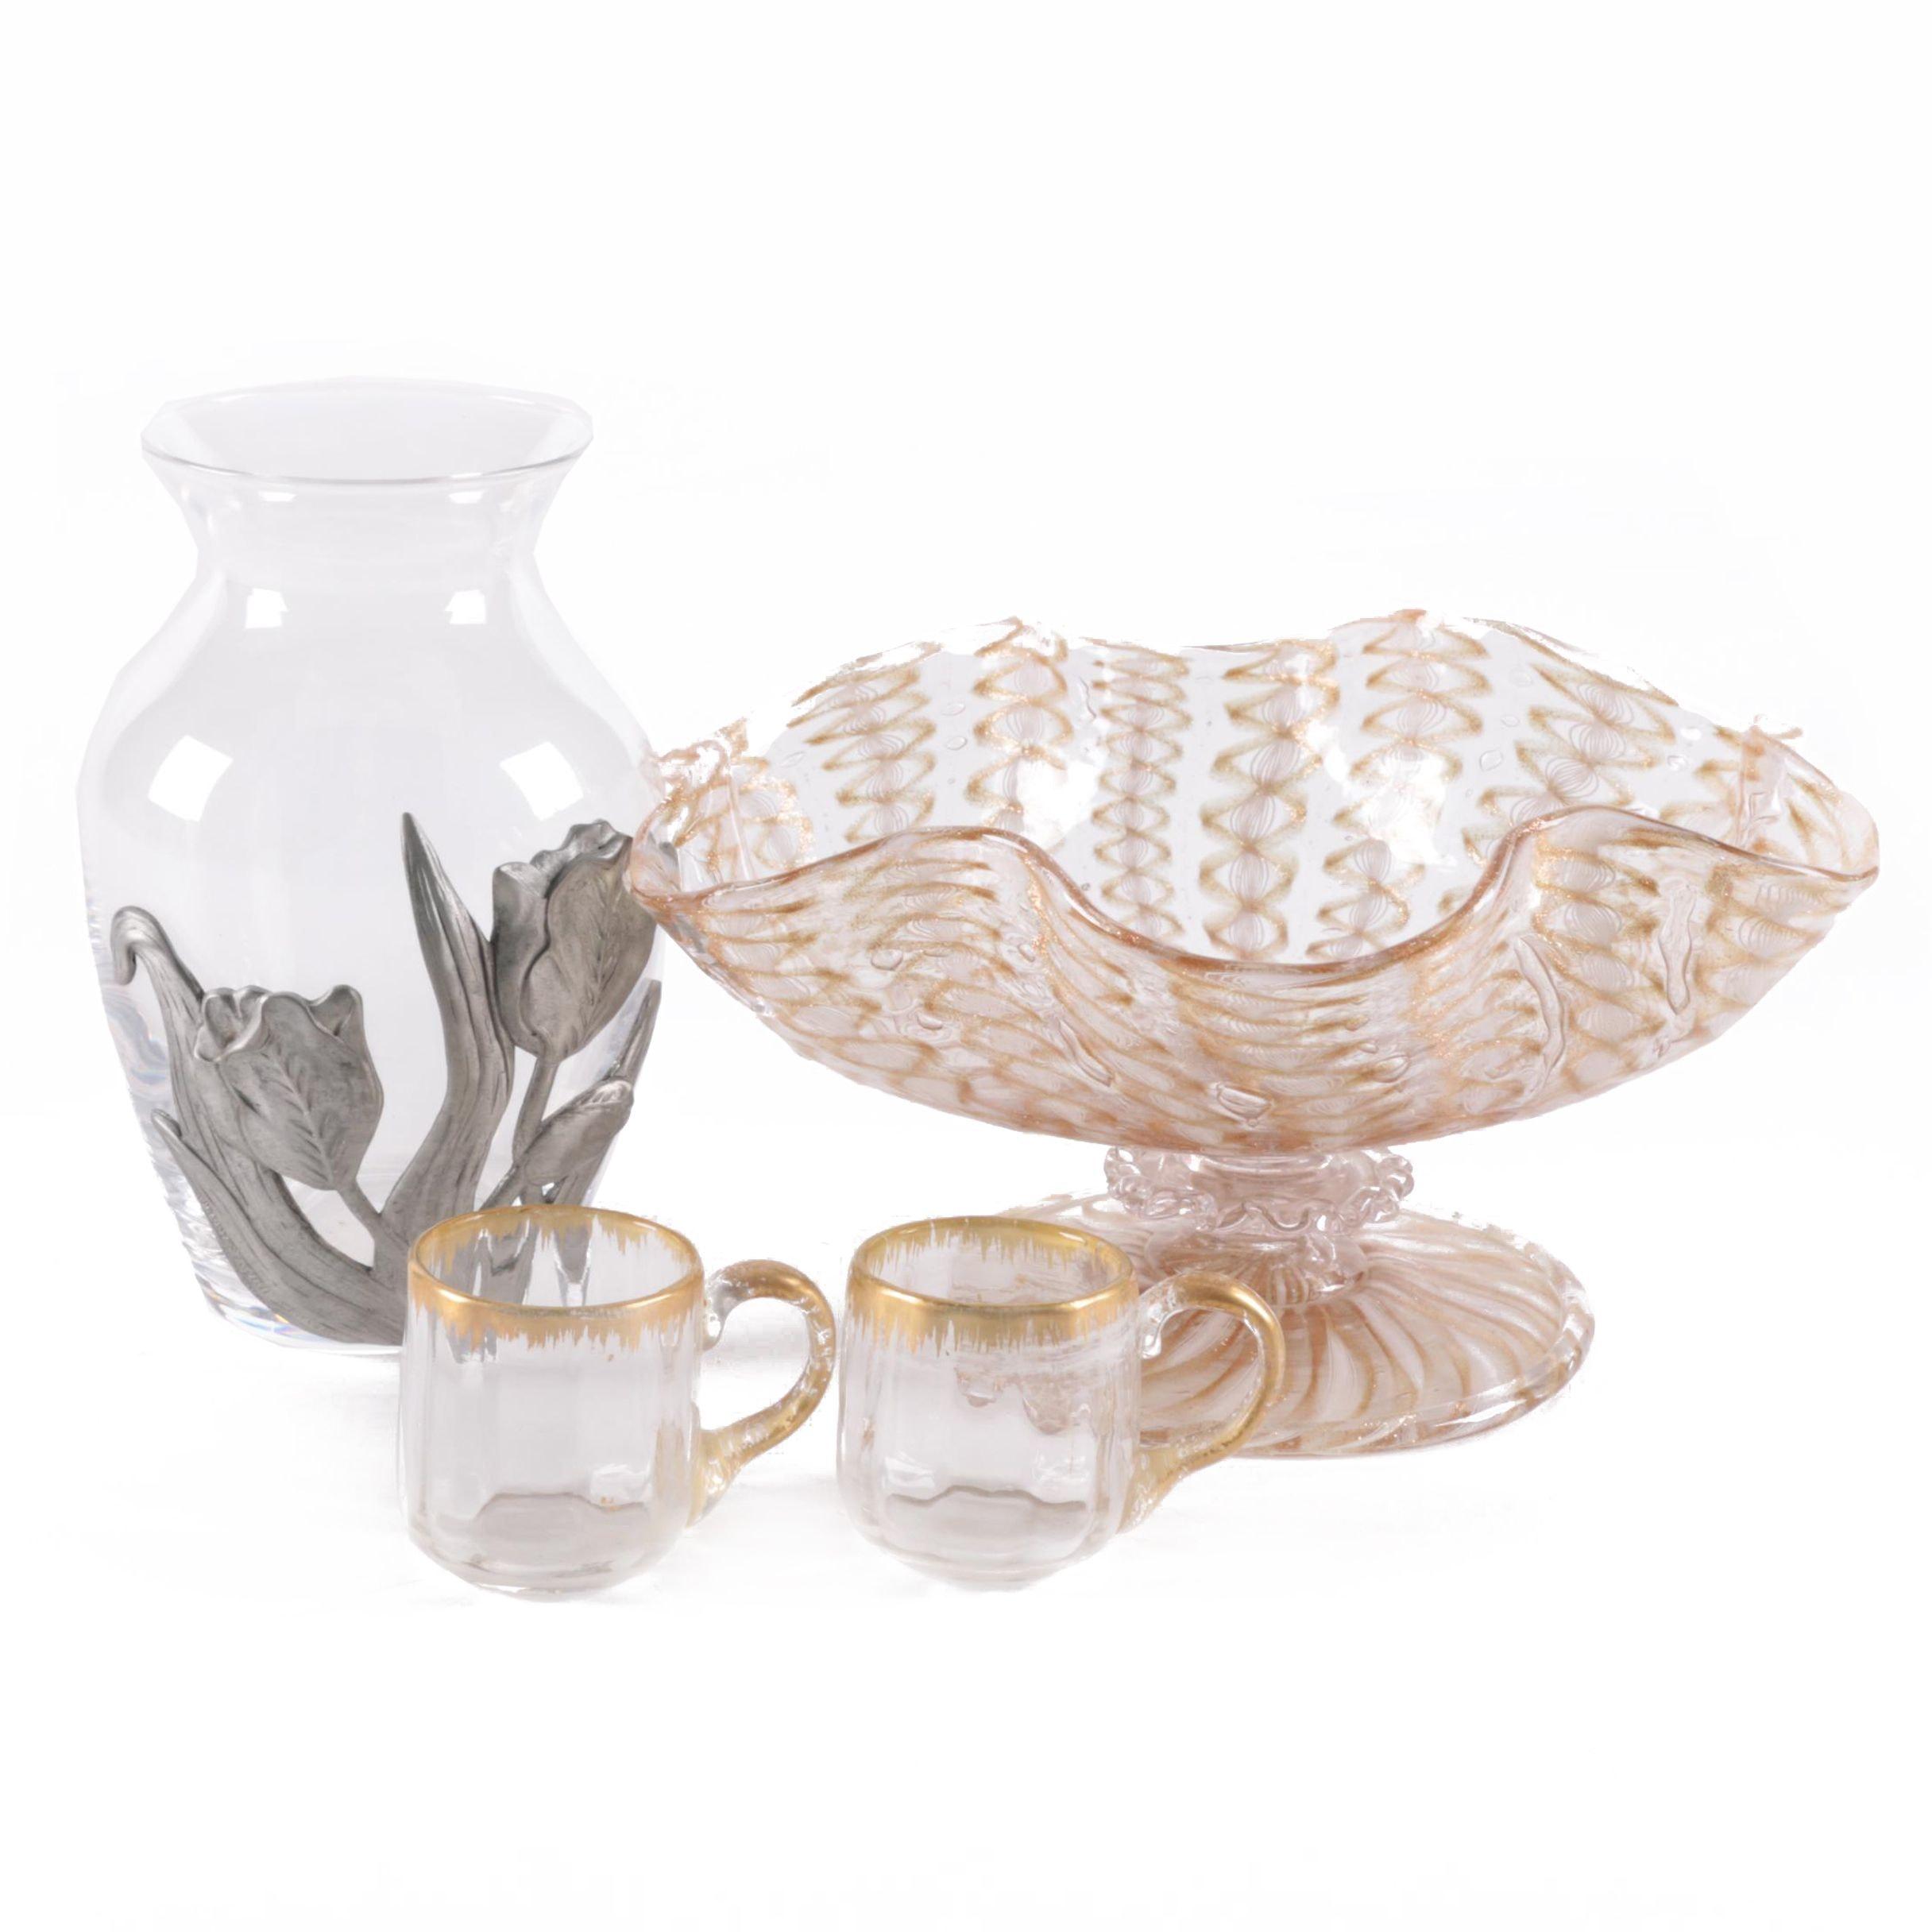 Murano Style Vetro a Filigrana Compote and Other Glassware